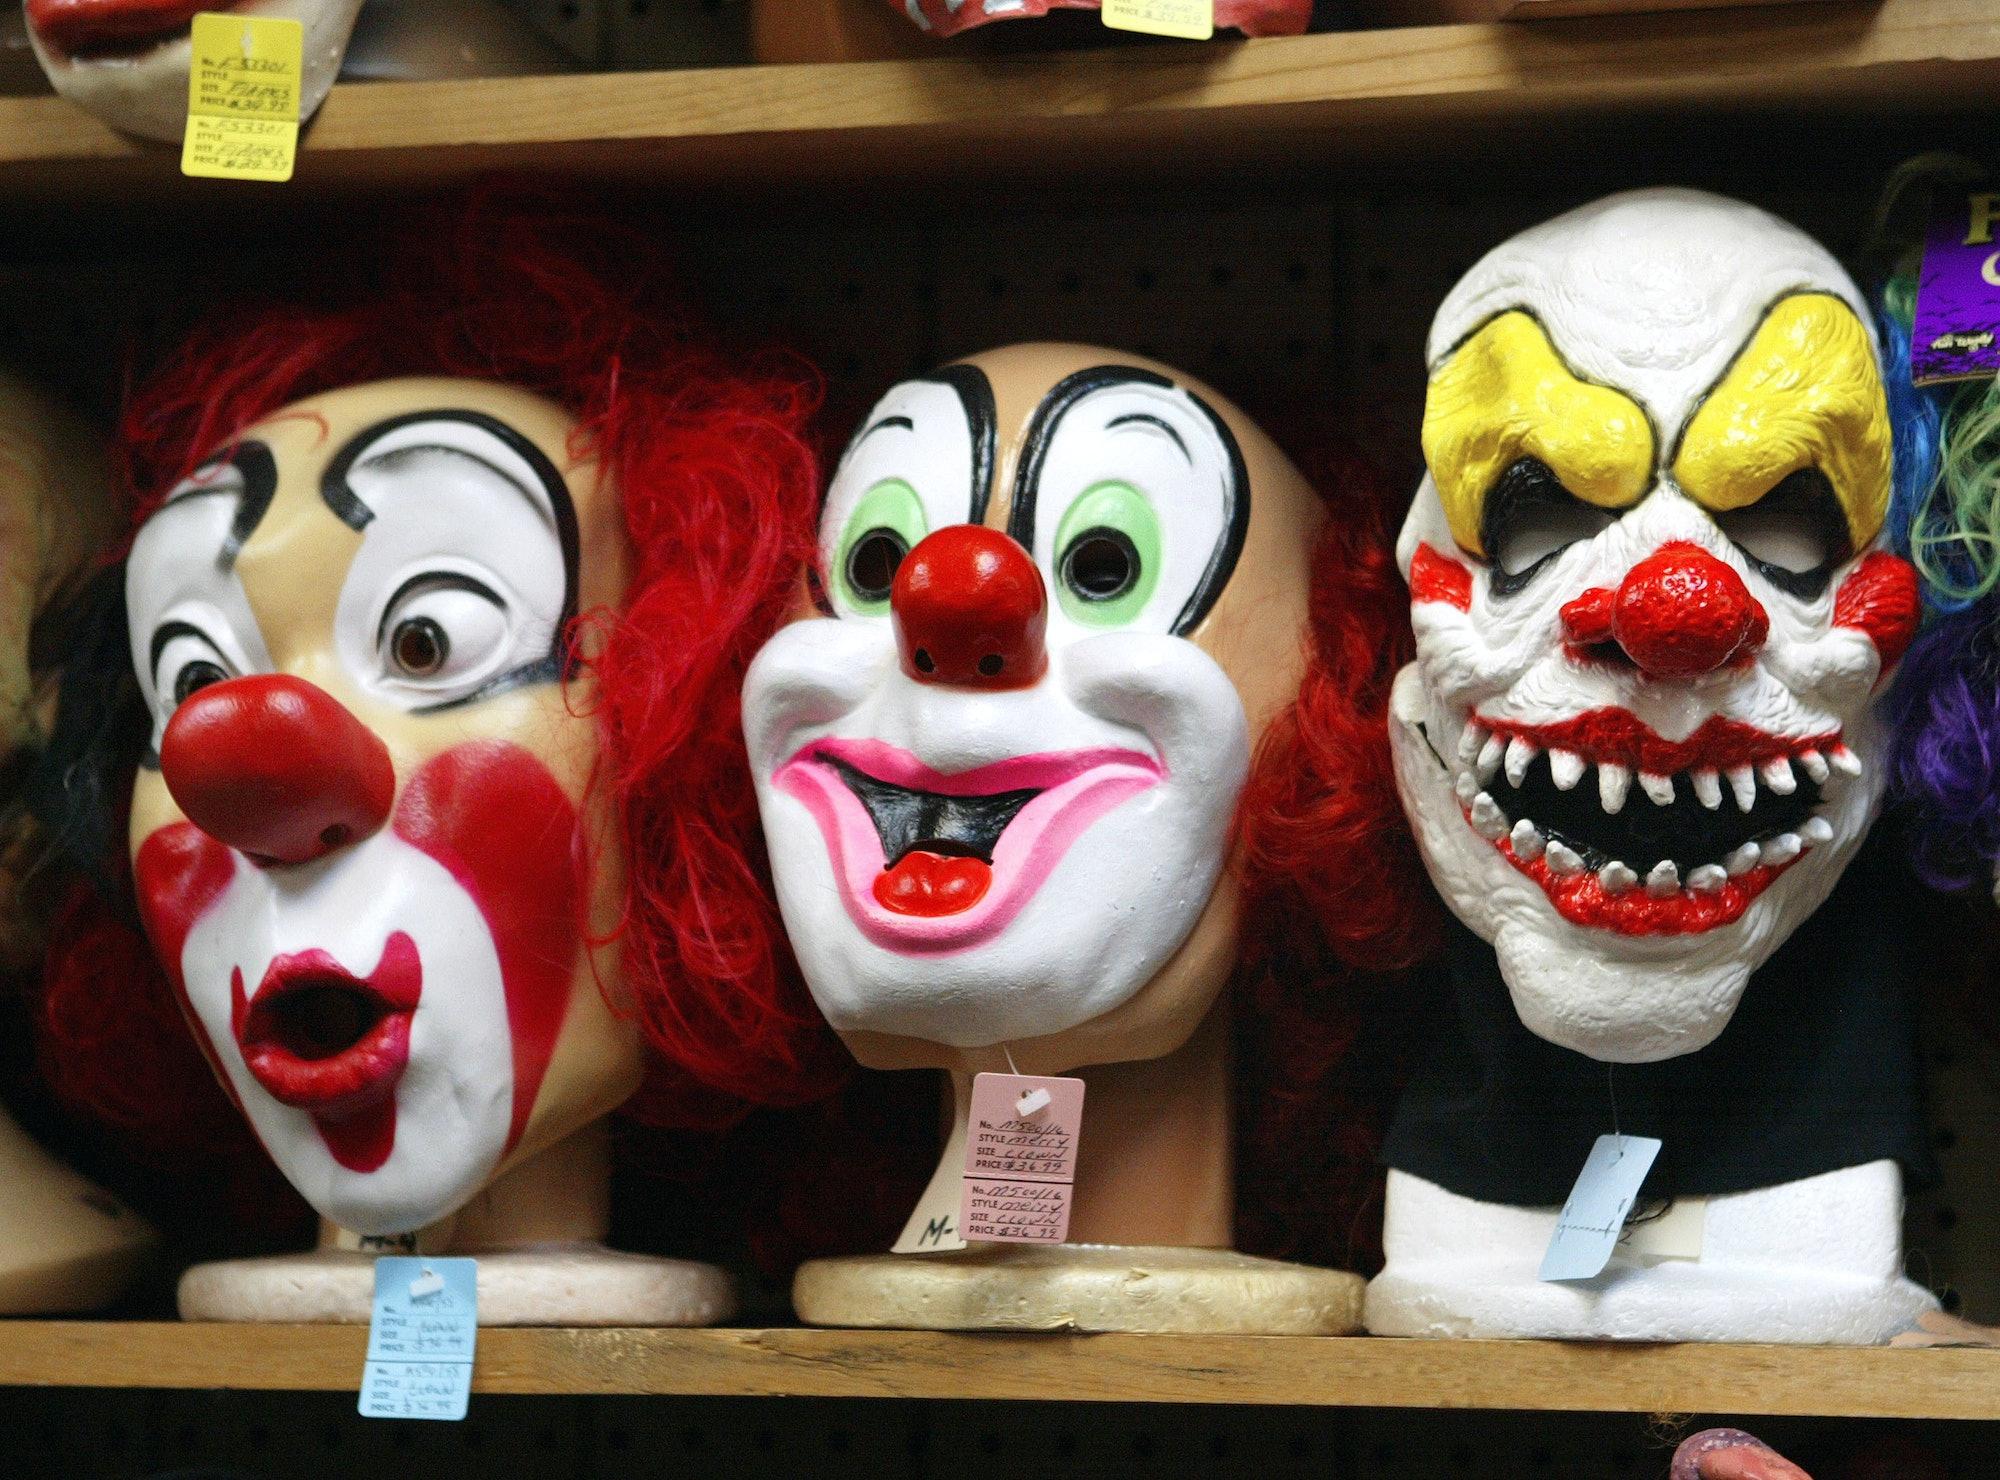 Clown masks